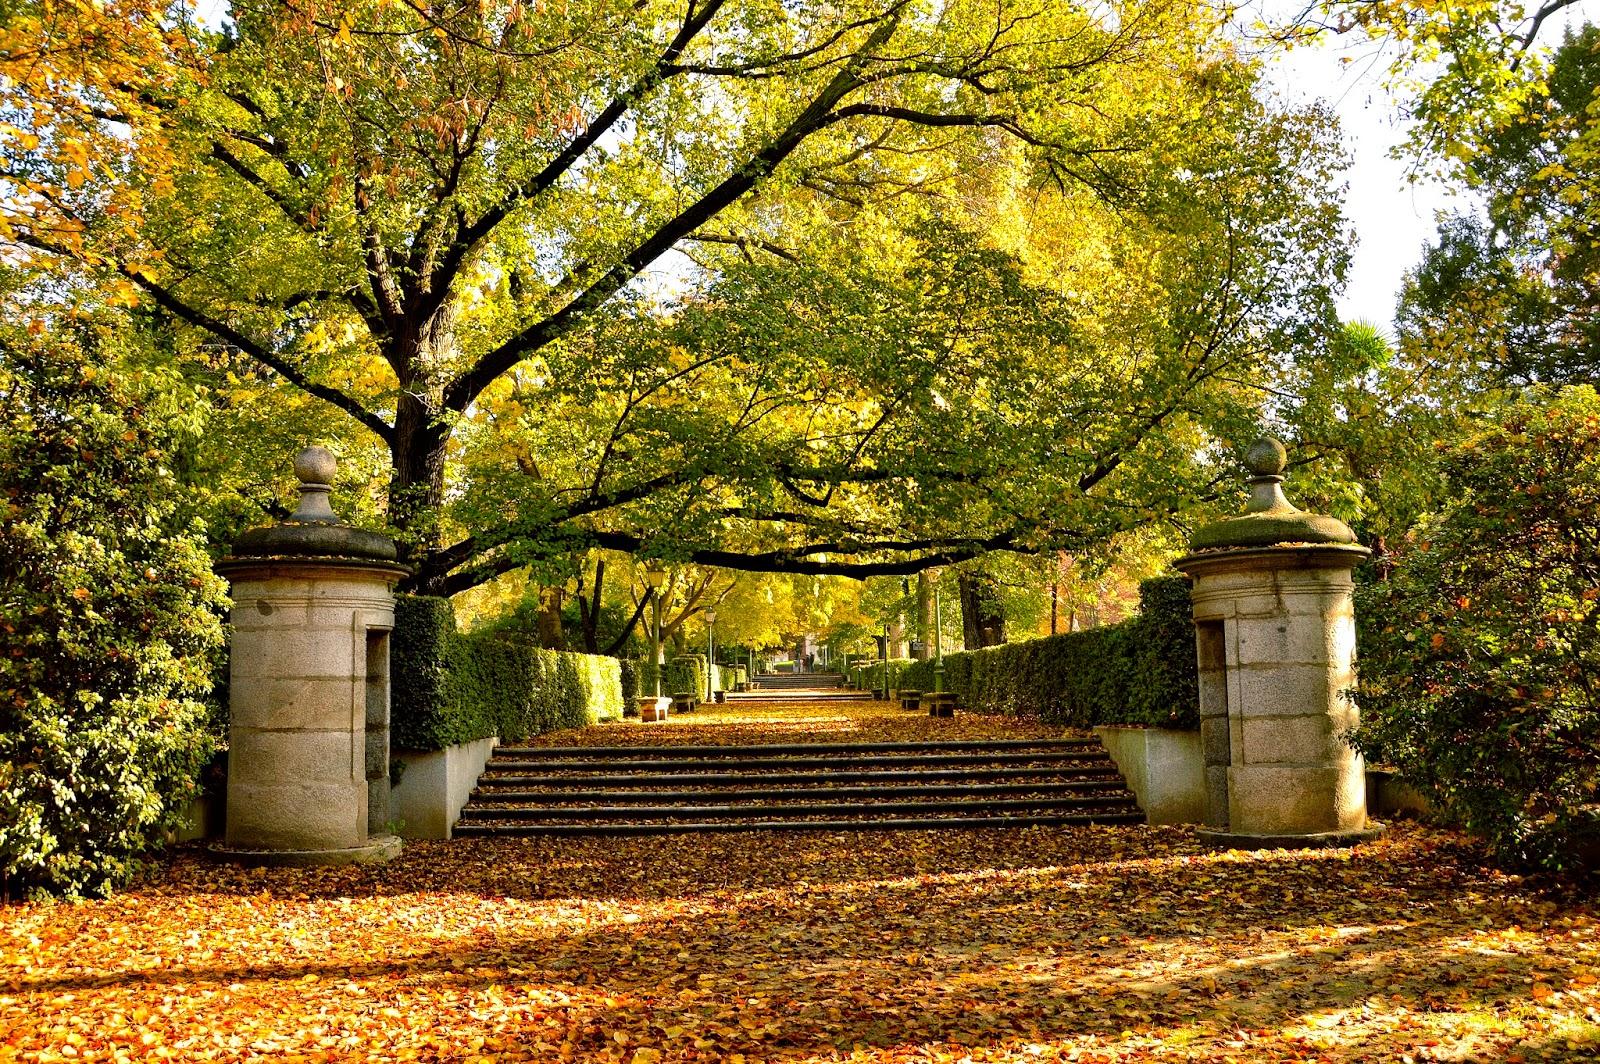 Fotografiarayodeluna viajes senderos monta a y for Jardin botanico de berlin